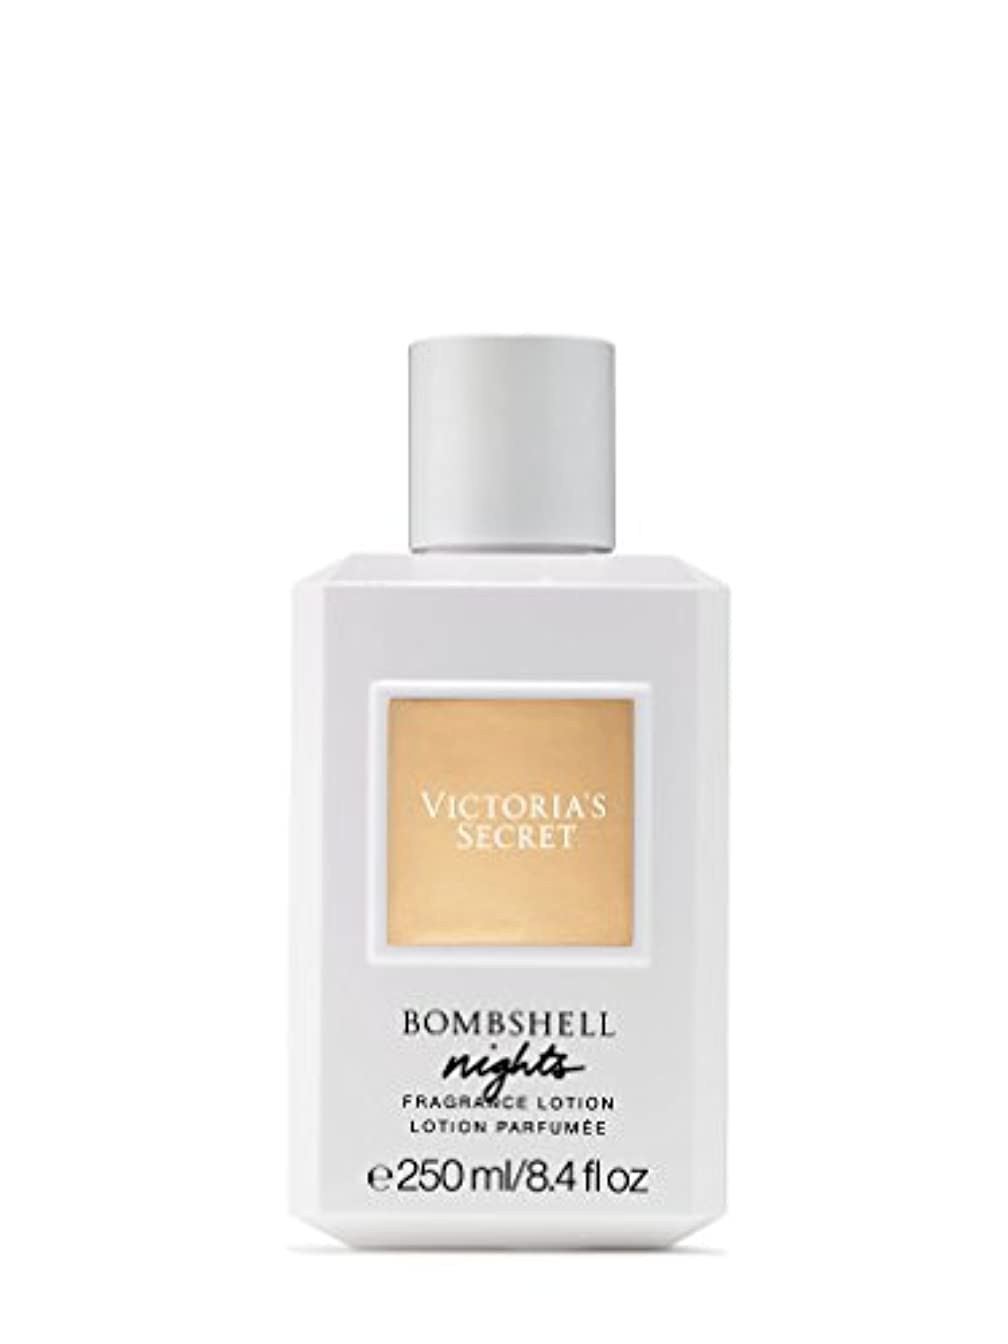 アドバンテージかわすサポートBombshell Nights (ボムシェル ナイツ) 8.4 oz (252ml) Fragrance Body Lotion ボディーローション by Victoria's Secret for Women